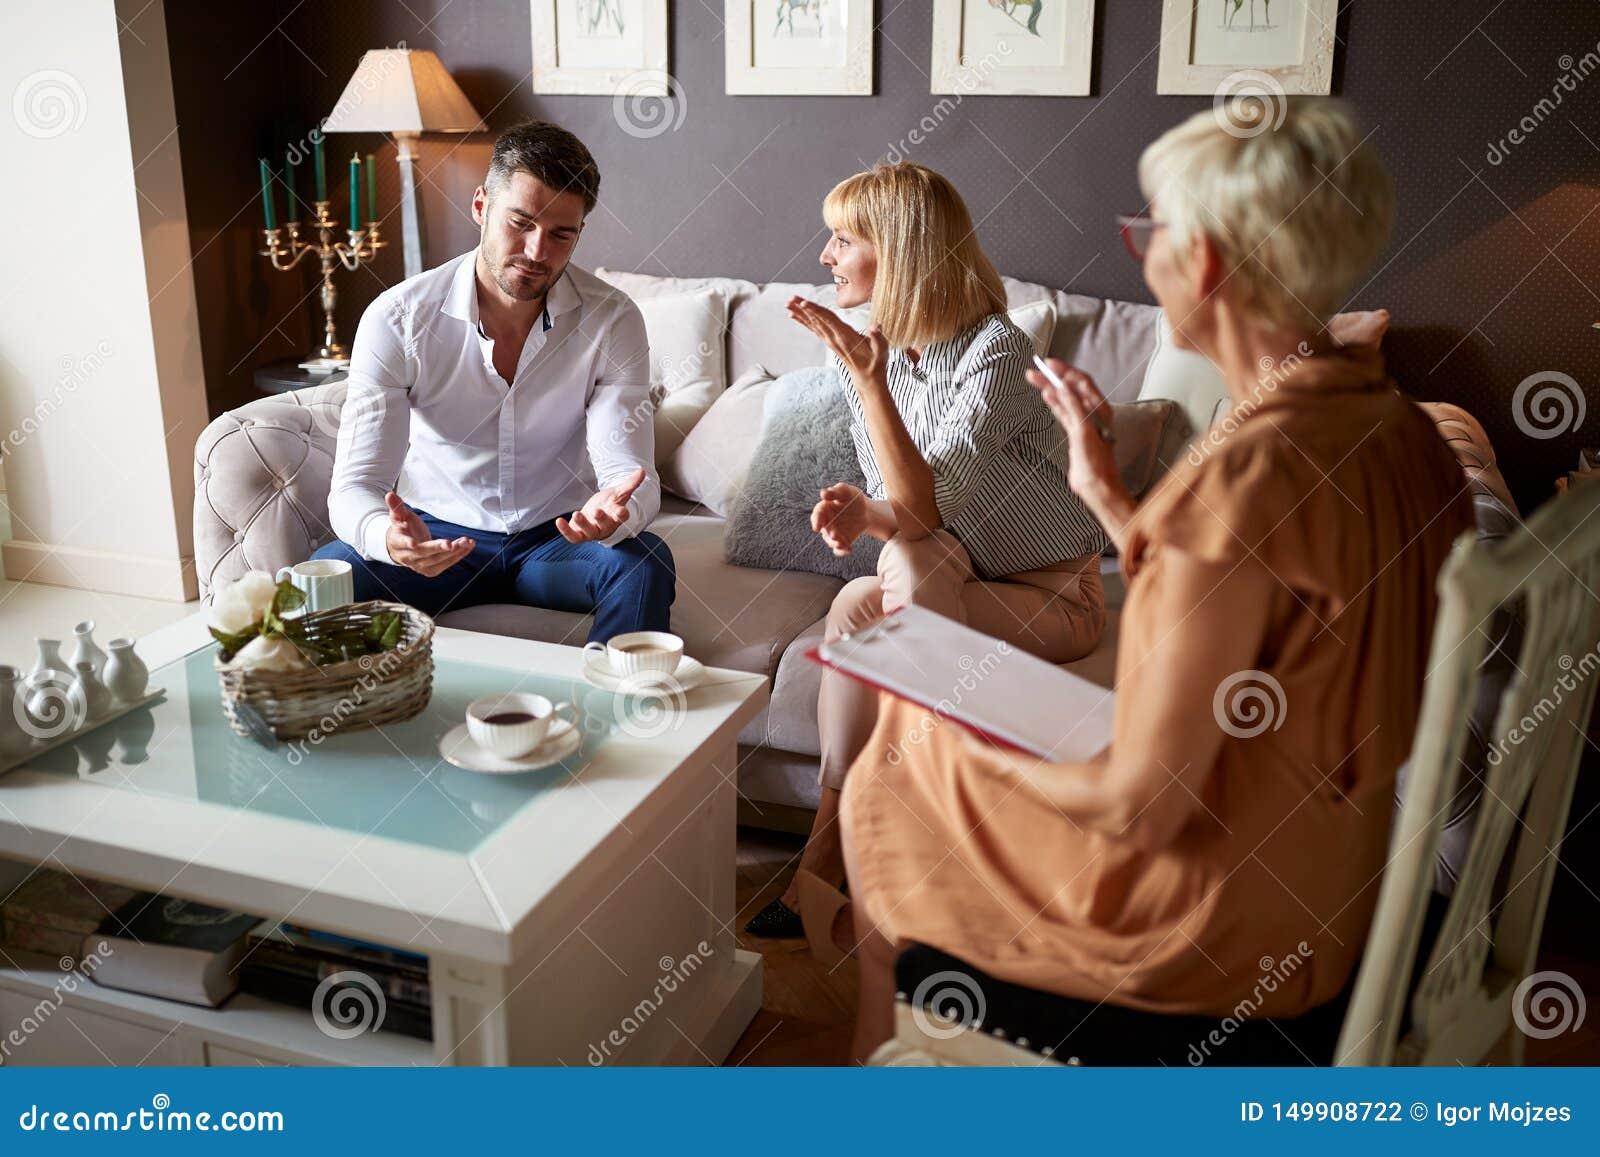 Homme expliquant son problème matrimonial au psychologue